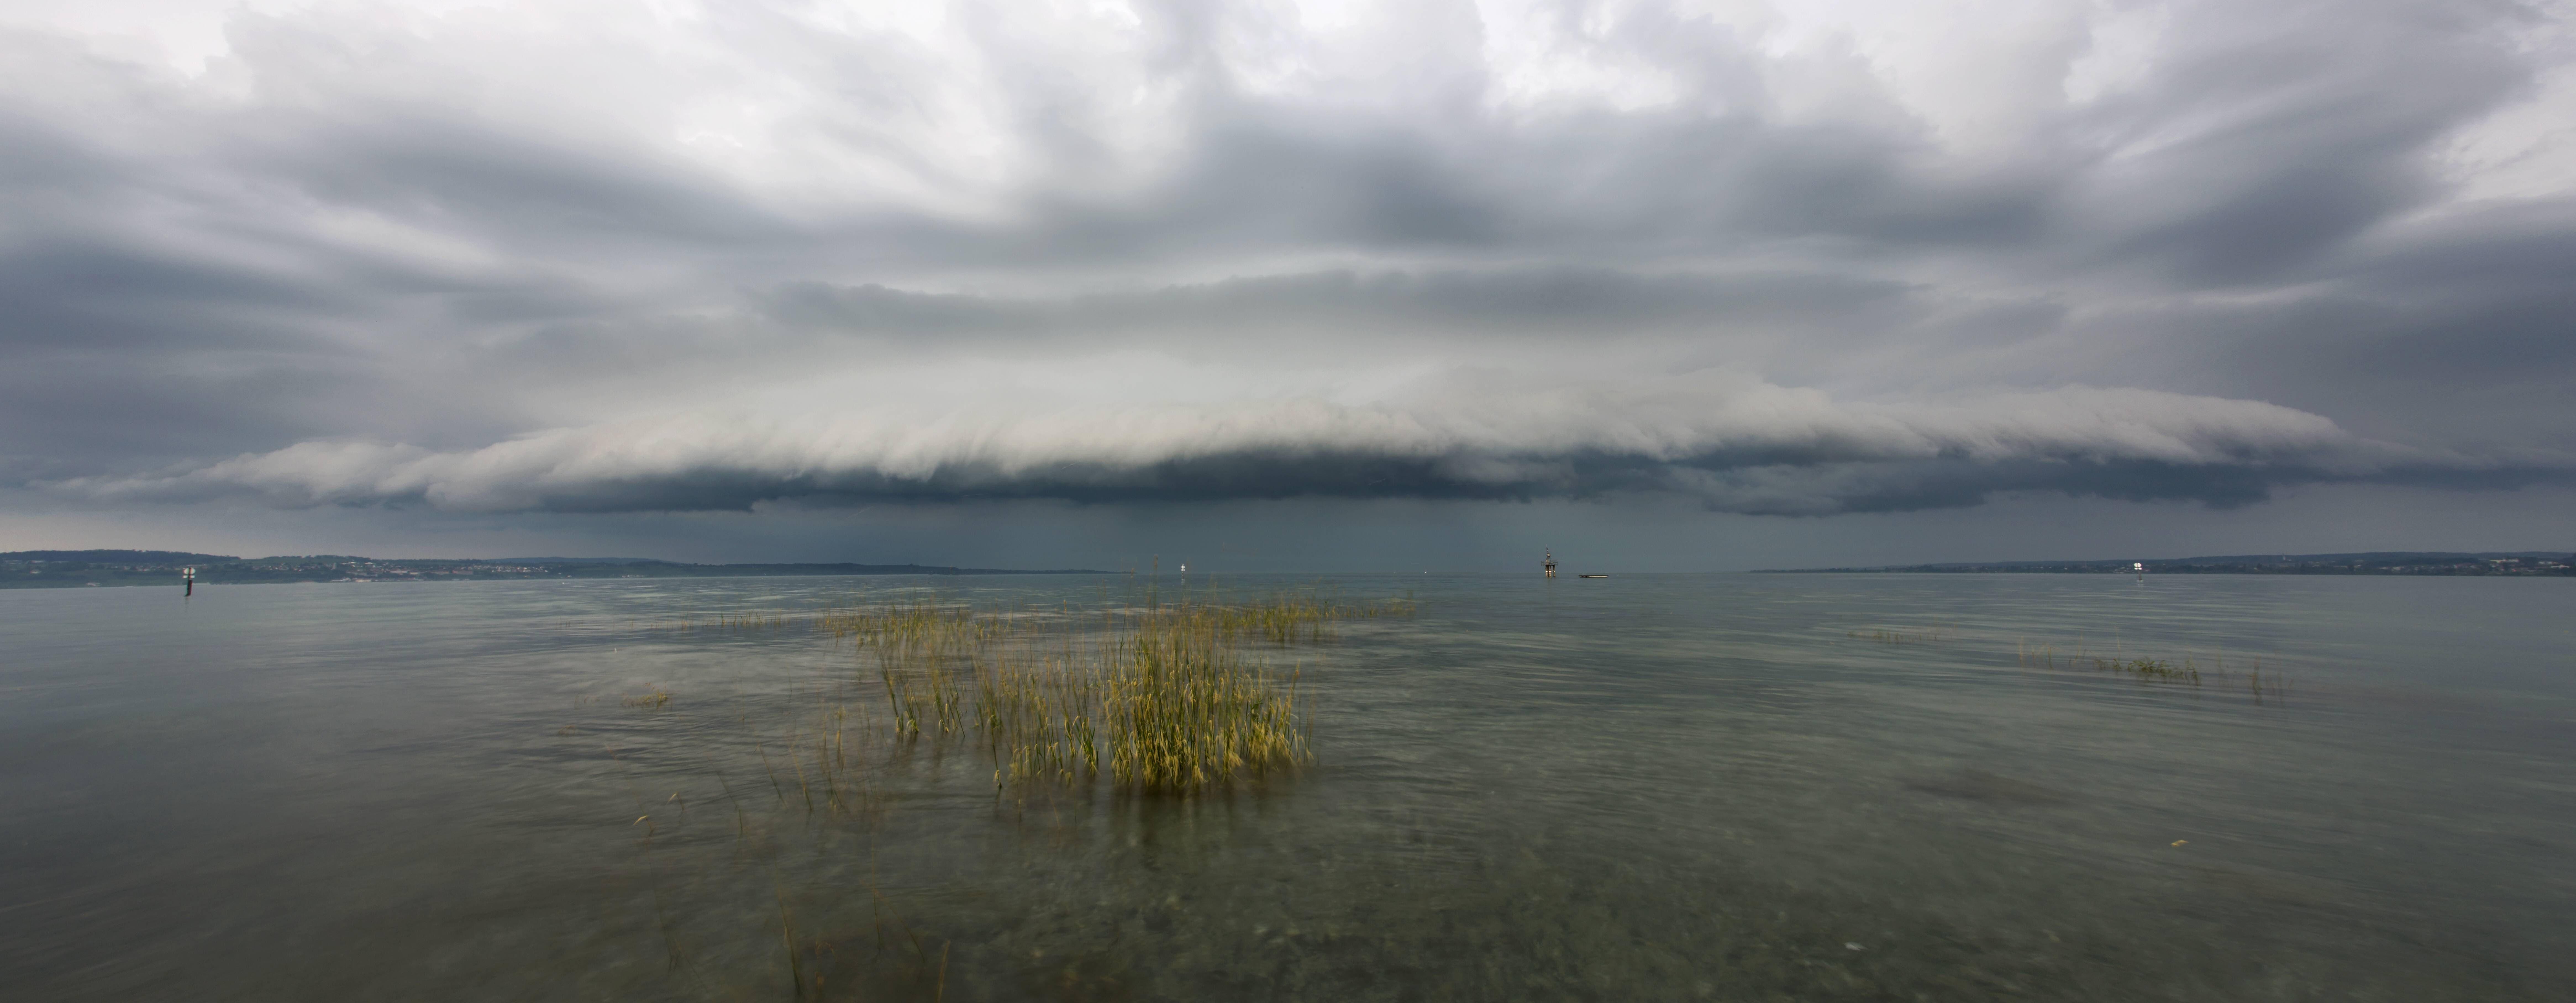 Wie entstehen Wetterereignisse? Und was beeinflusst ihre Entstehung? Zusammen mit zwei Meteorologen haben wir uns Wetterphänomene am Bodensee angeschaut.